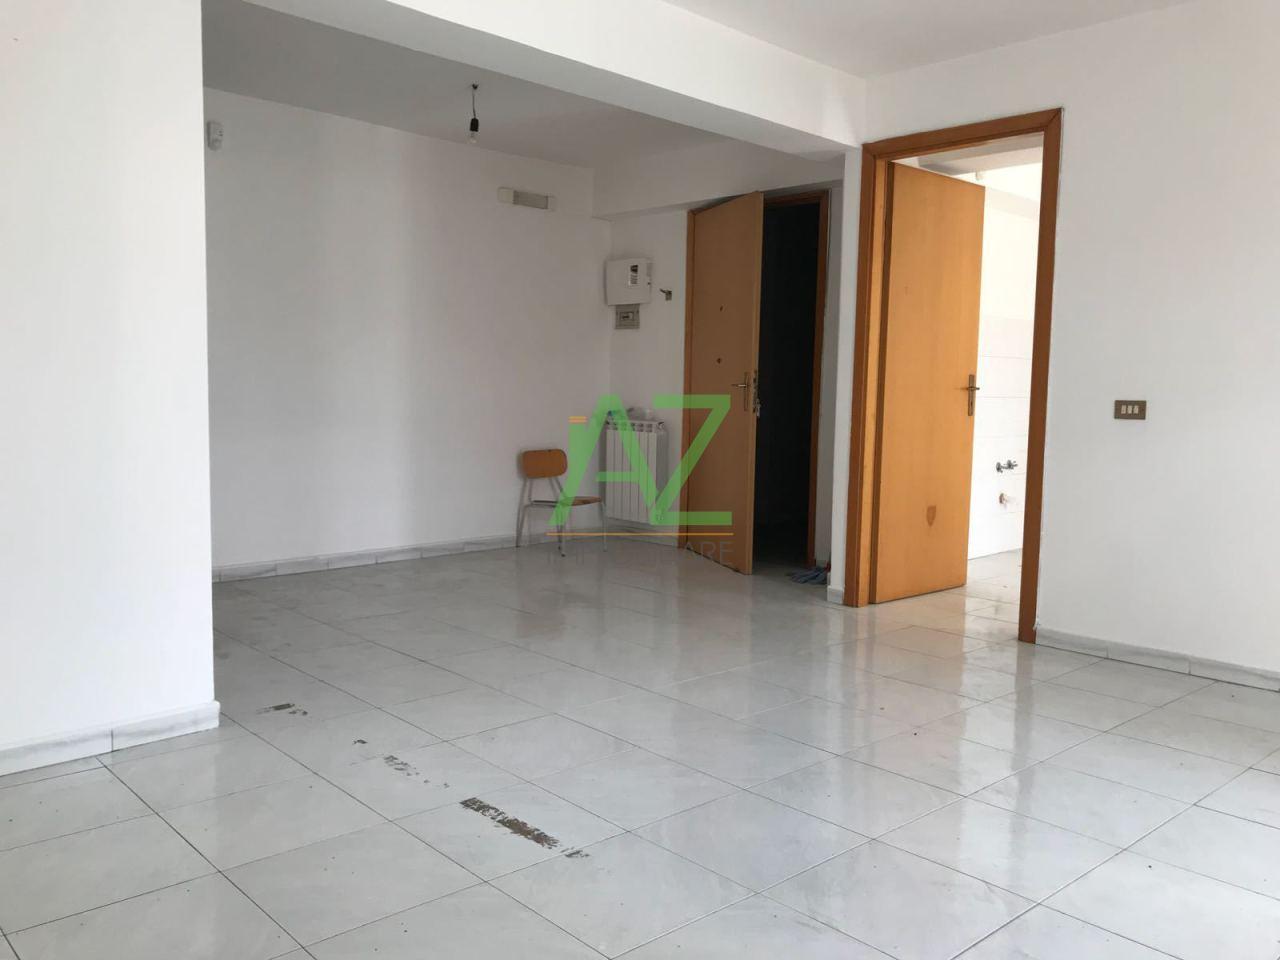 Appartamento in buone condizioni in vendita Rif. 10262930